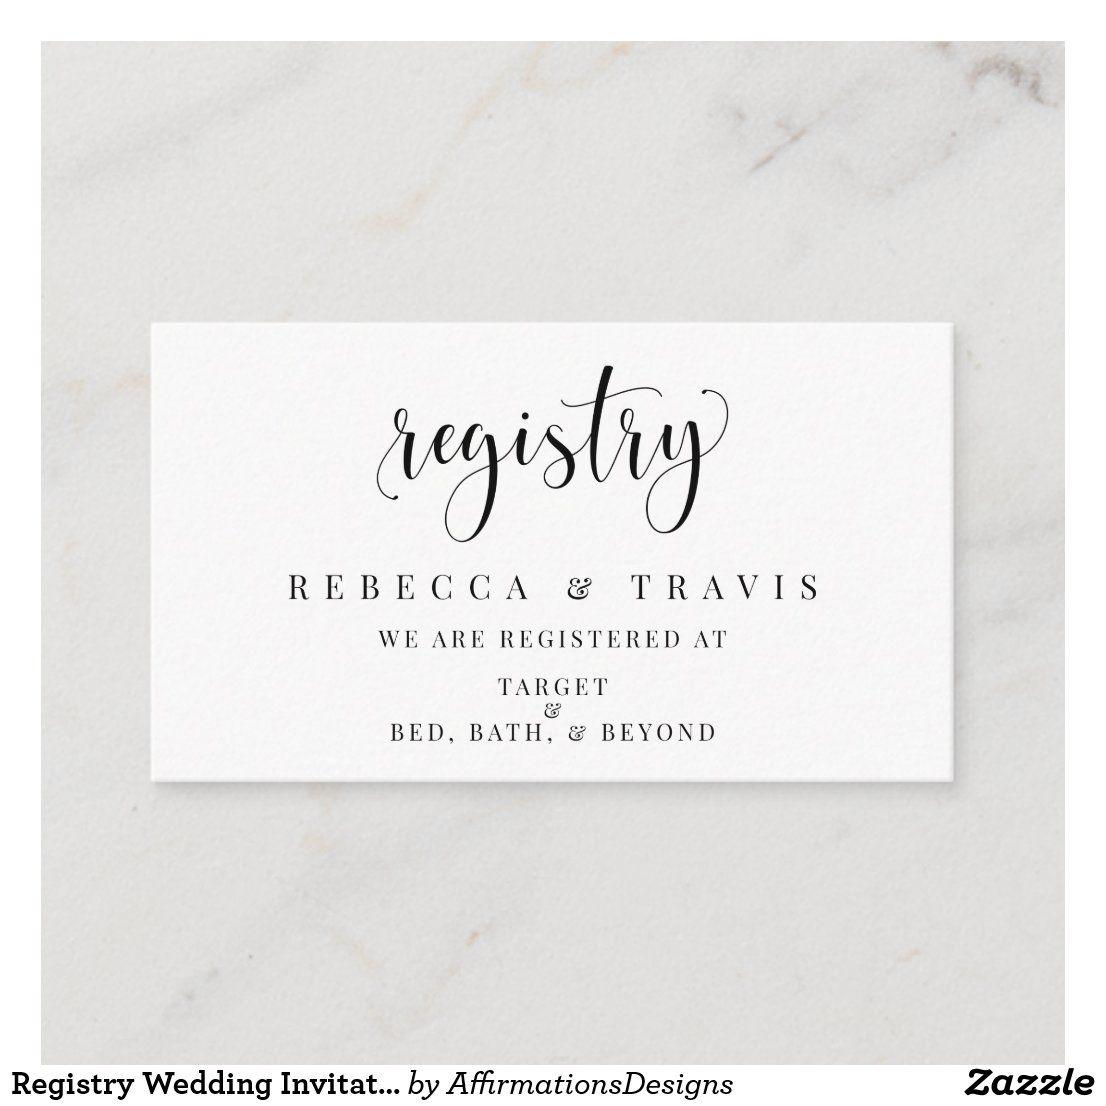 Registry Wedding Invitation Insert Enclosure Card Zazzle Com In 2020 Wedding Invitation Inserts Enclosure Cards Wedding Invitations